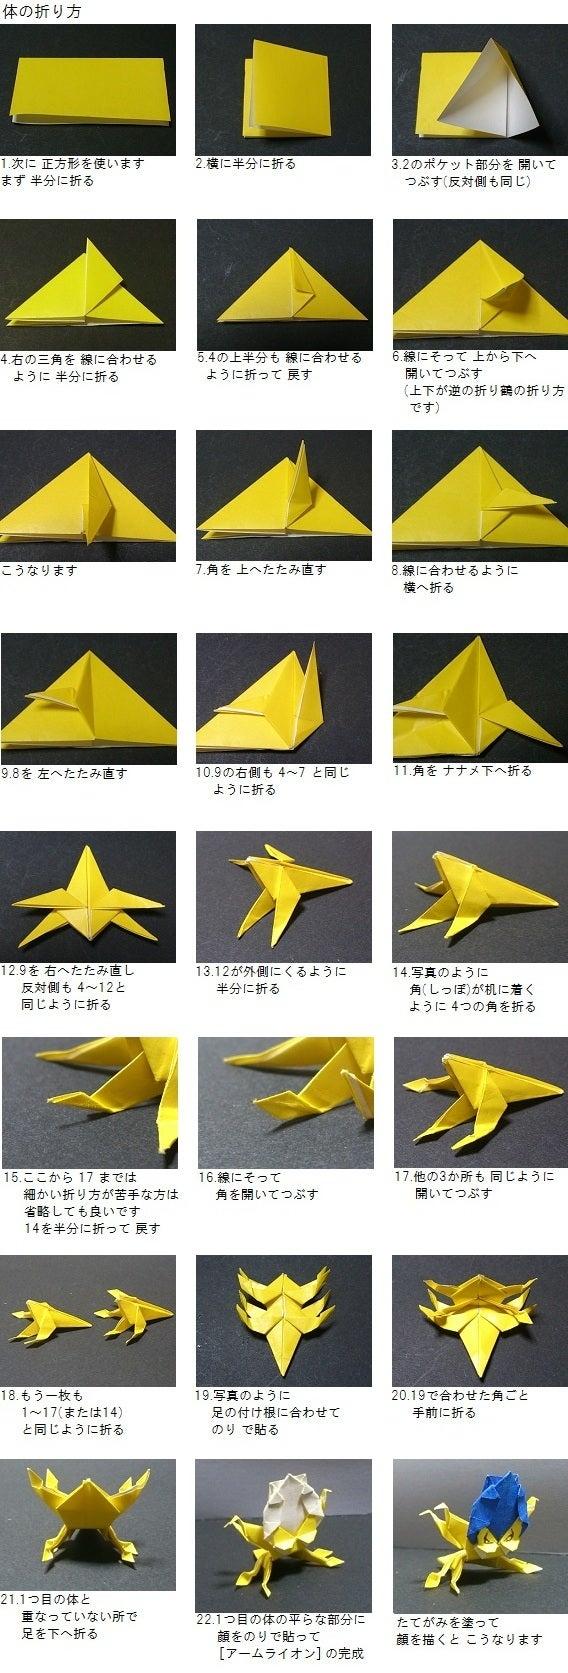 すべての折り紙 折り紙 キャラクター 簡単 折り方 : ... の折り方|折り紙でフィギュア